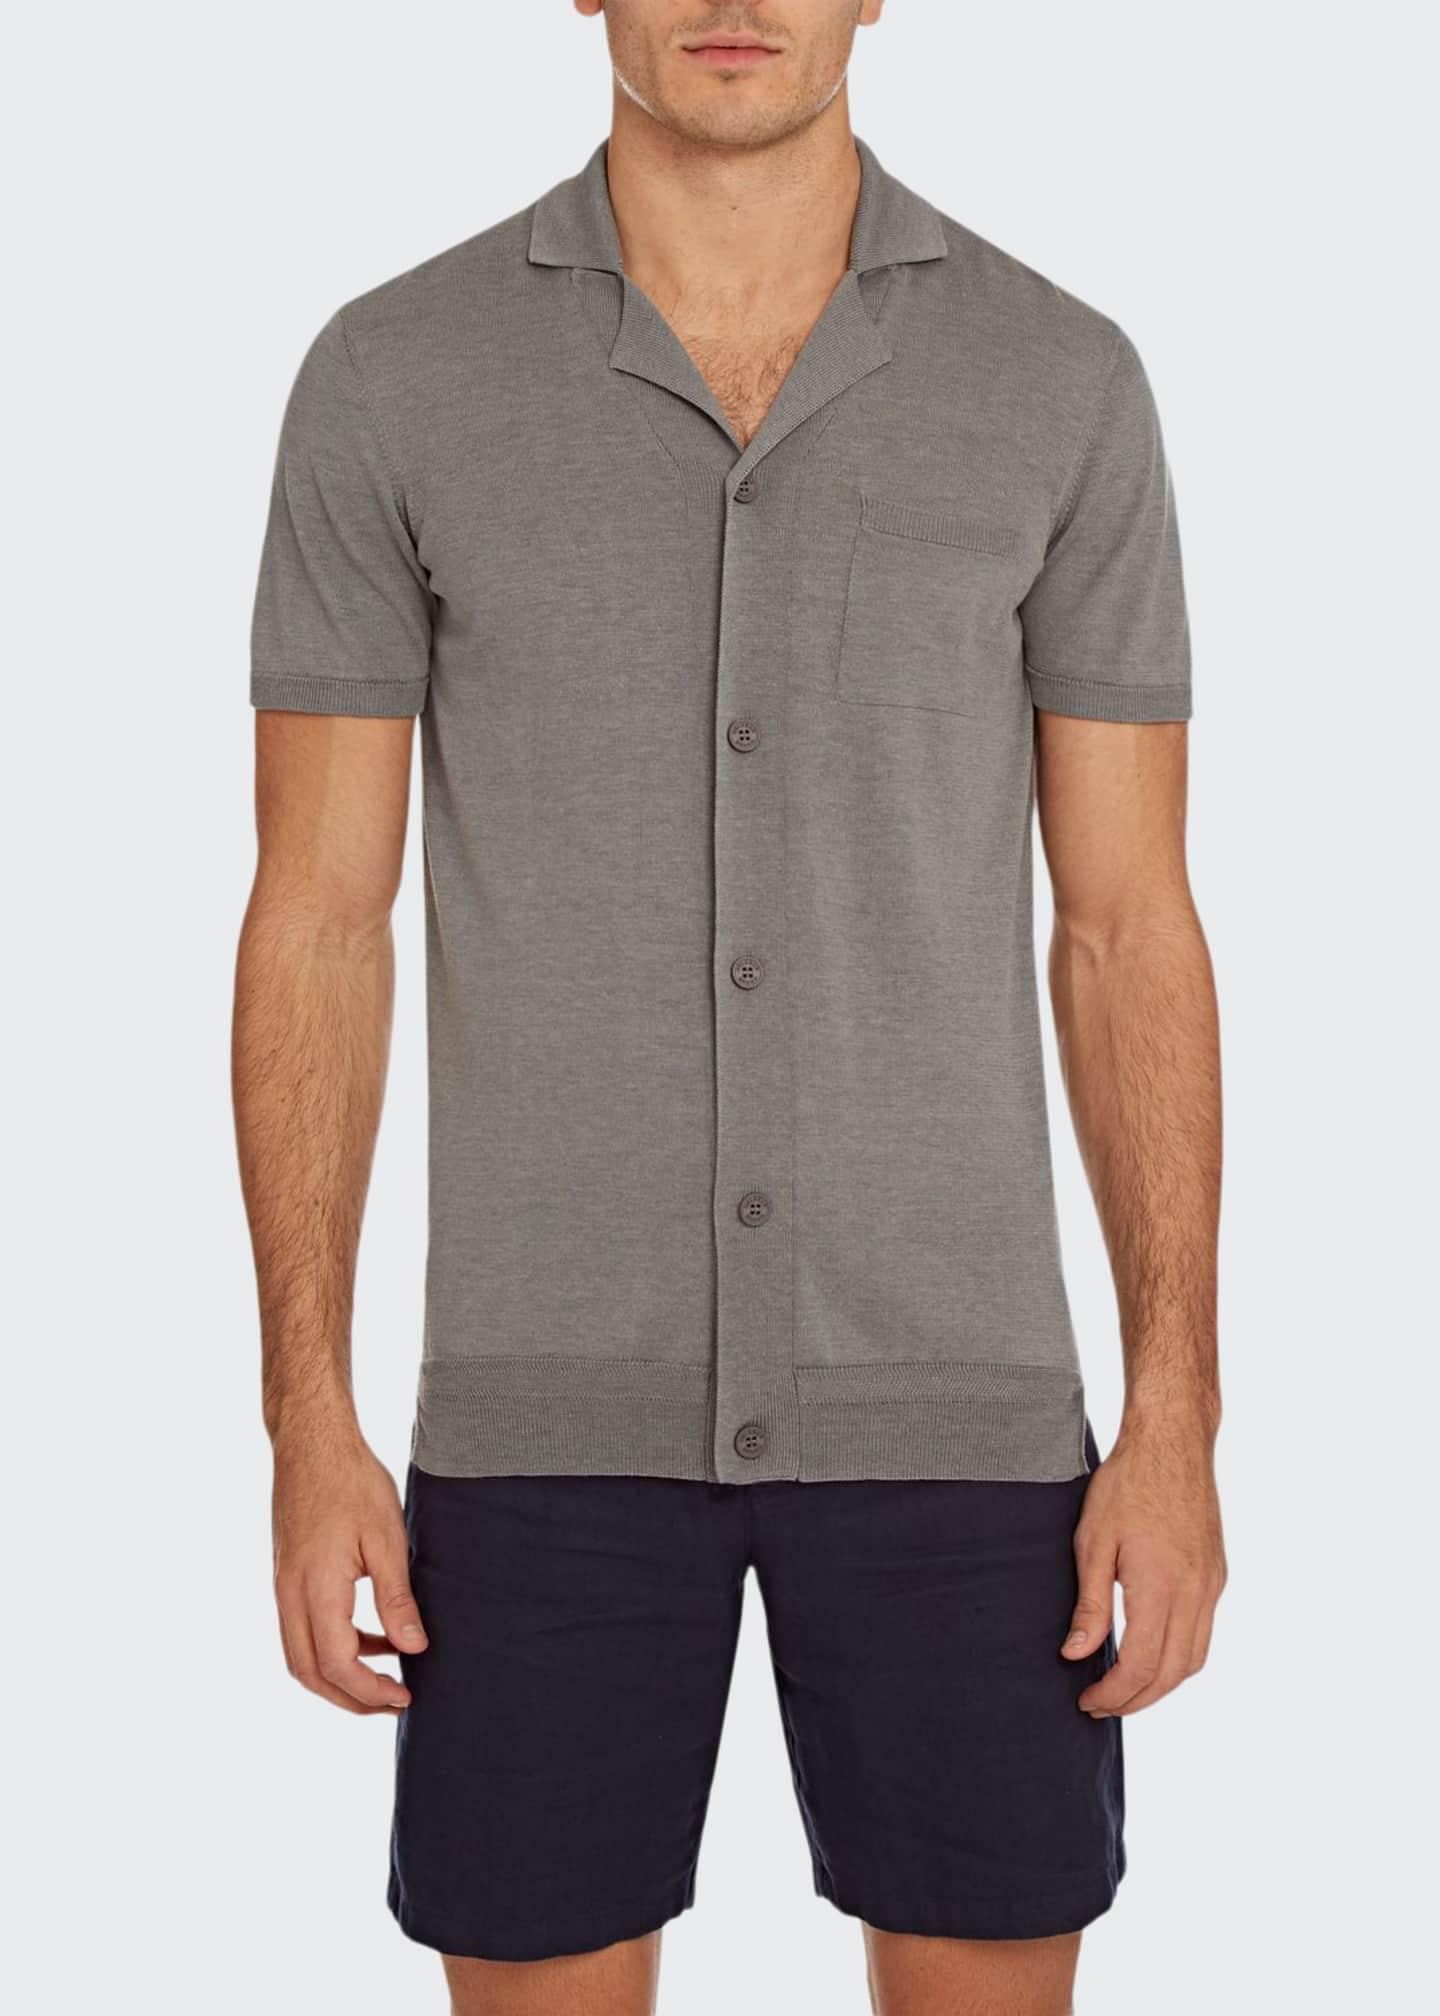 Orlebar Brown Men's Colman Cotton/Silk Button-Down Shirt